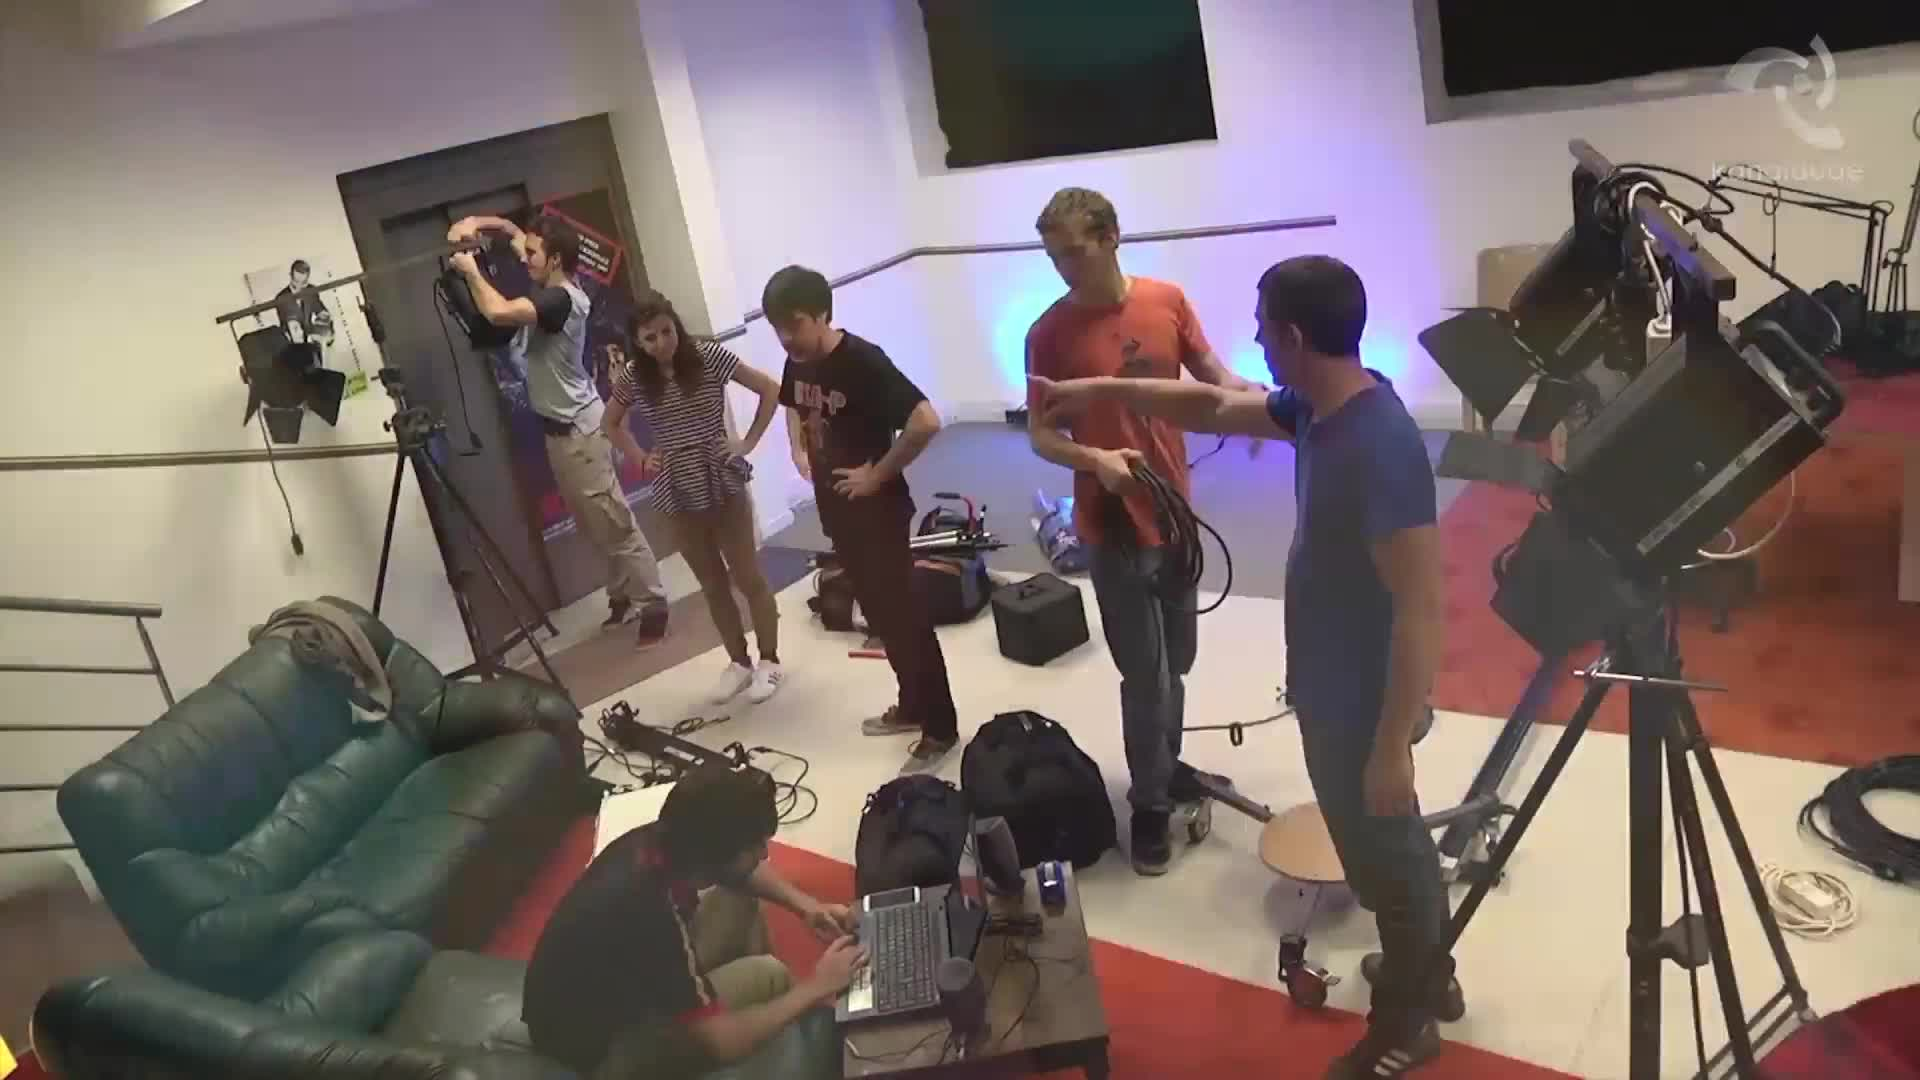 Hertzetan musika emankizuna - teaser